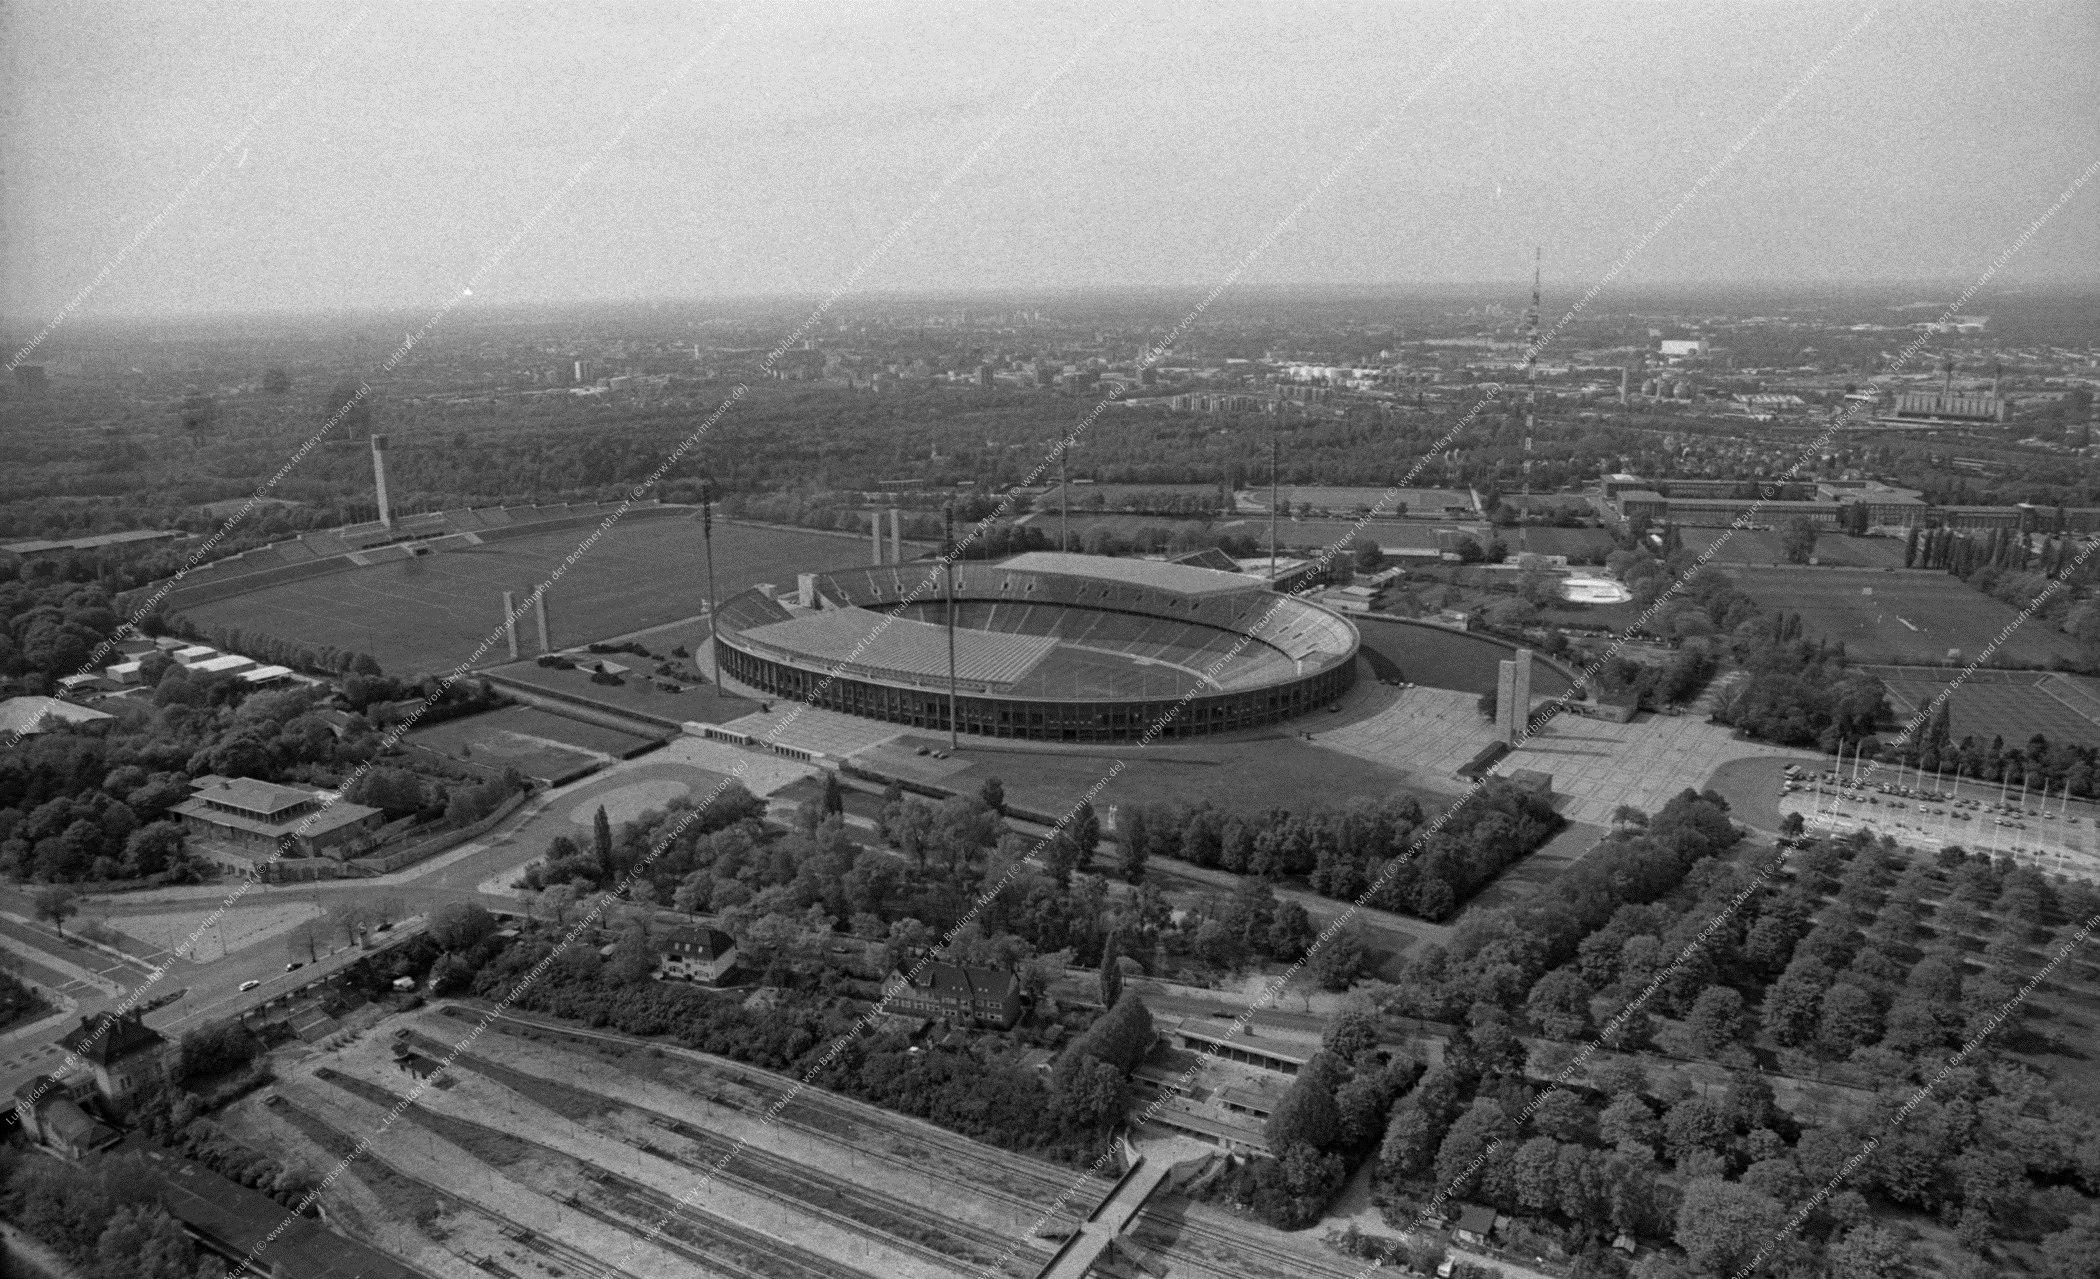 Luftbild vom Olympiapark Berlin (Reichssportfeld) und Stadion vom 12. Mai 1982 (Bild 078)